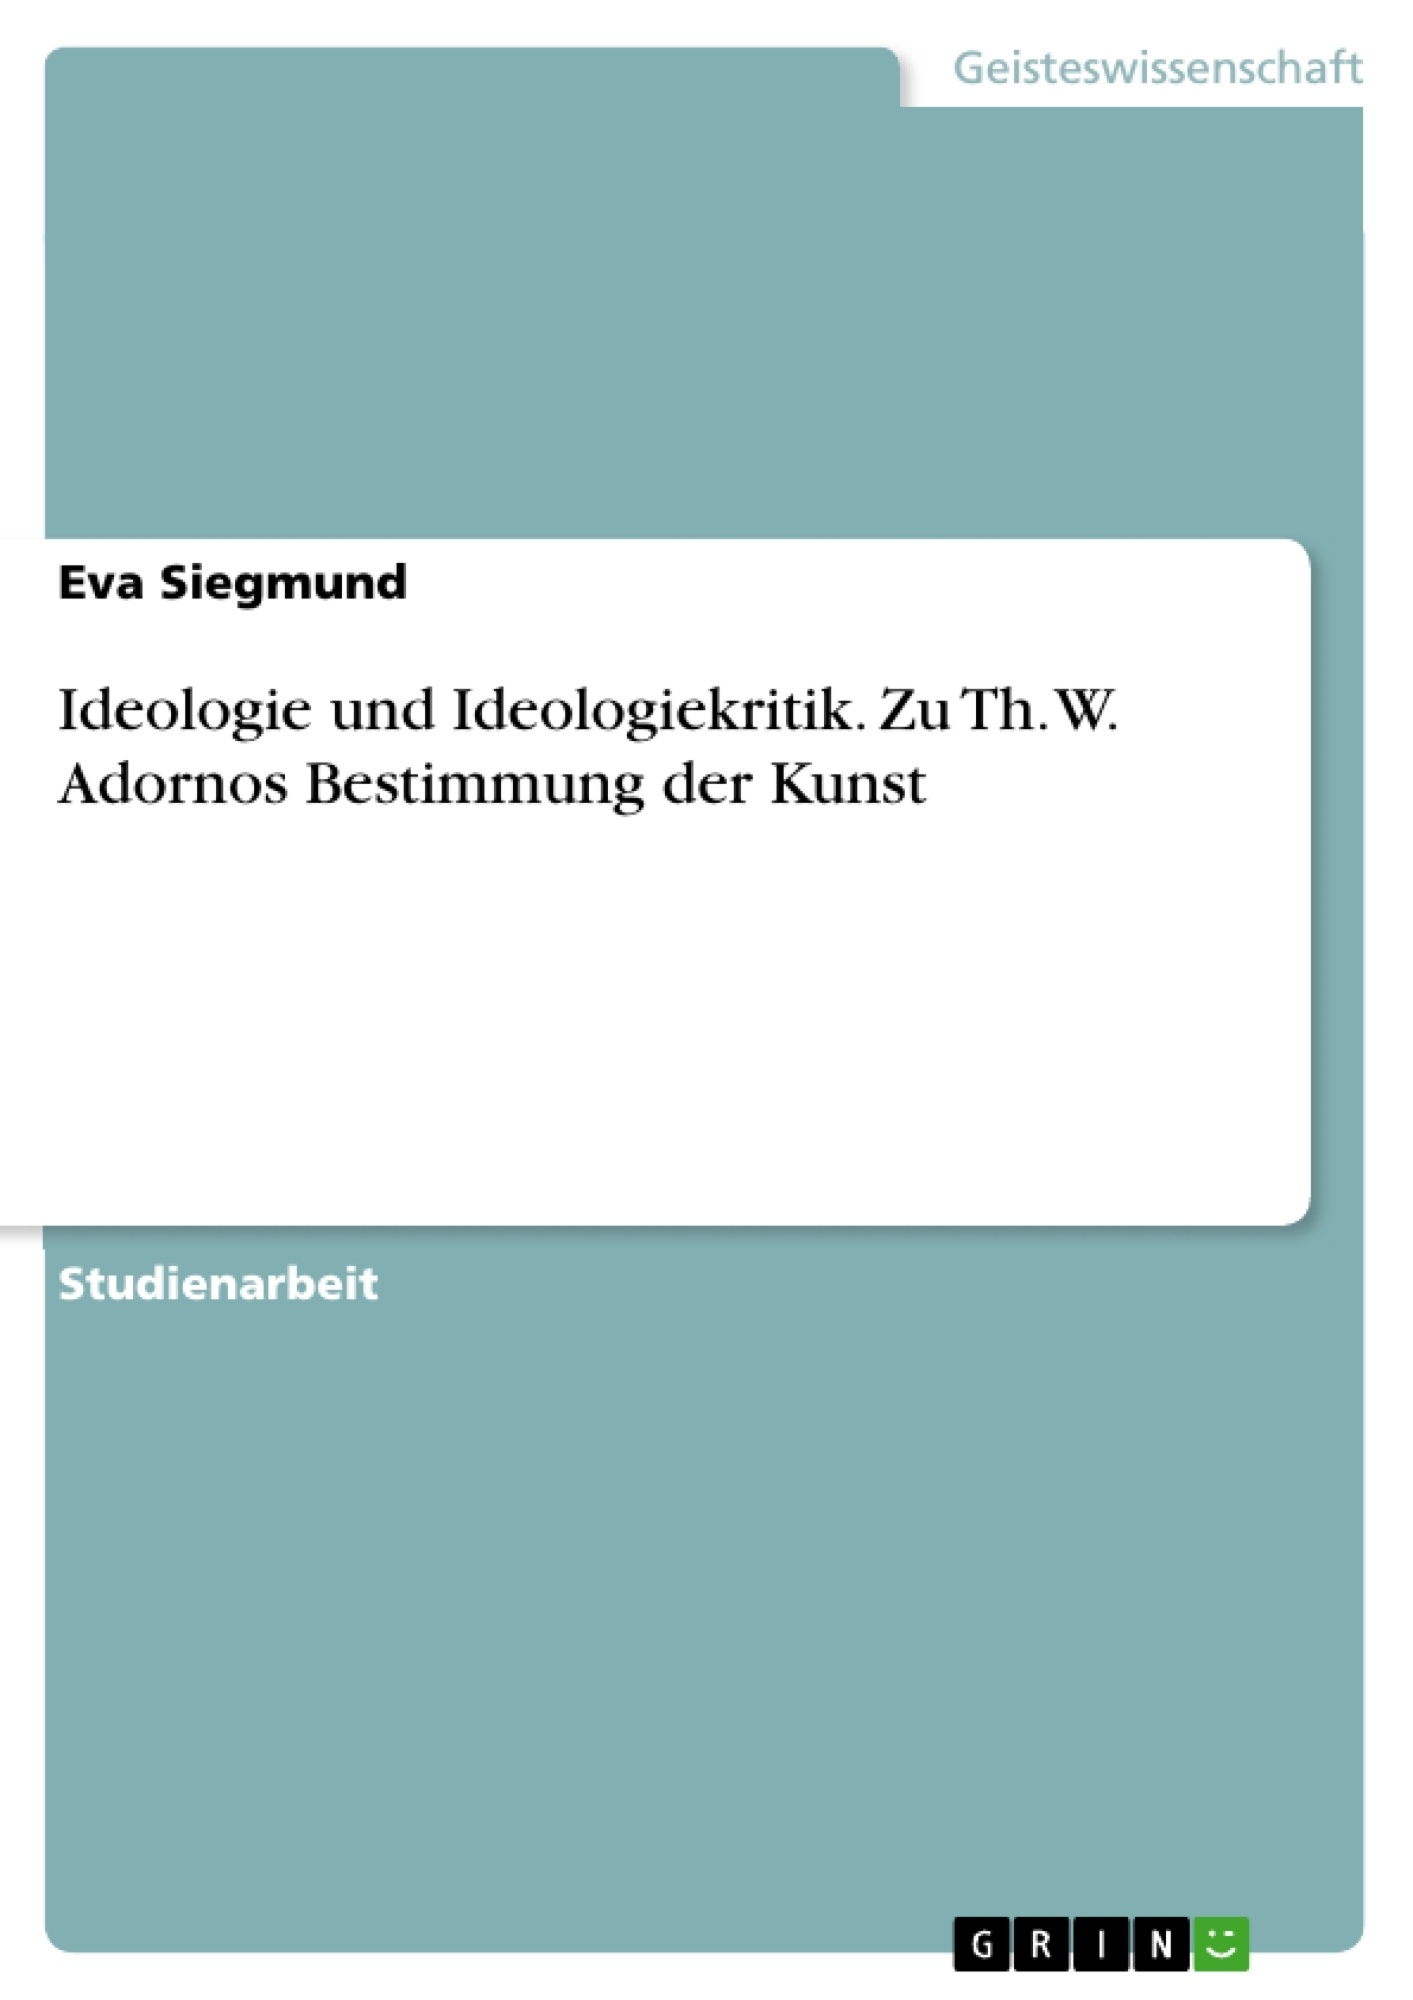 Titel: Ideologie und Ideologiekritik.  Zu  Th. W. Adornos Bestimmung der Kunst